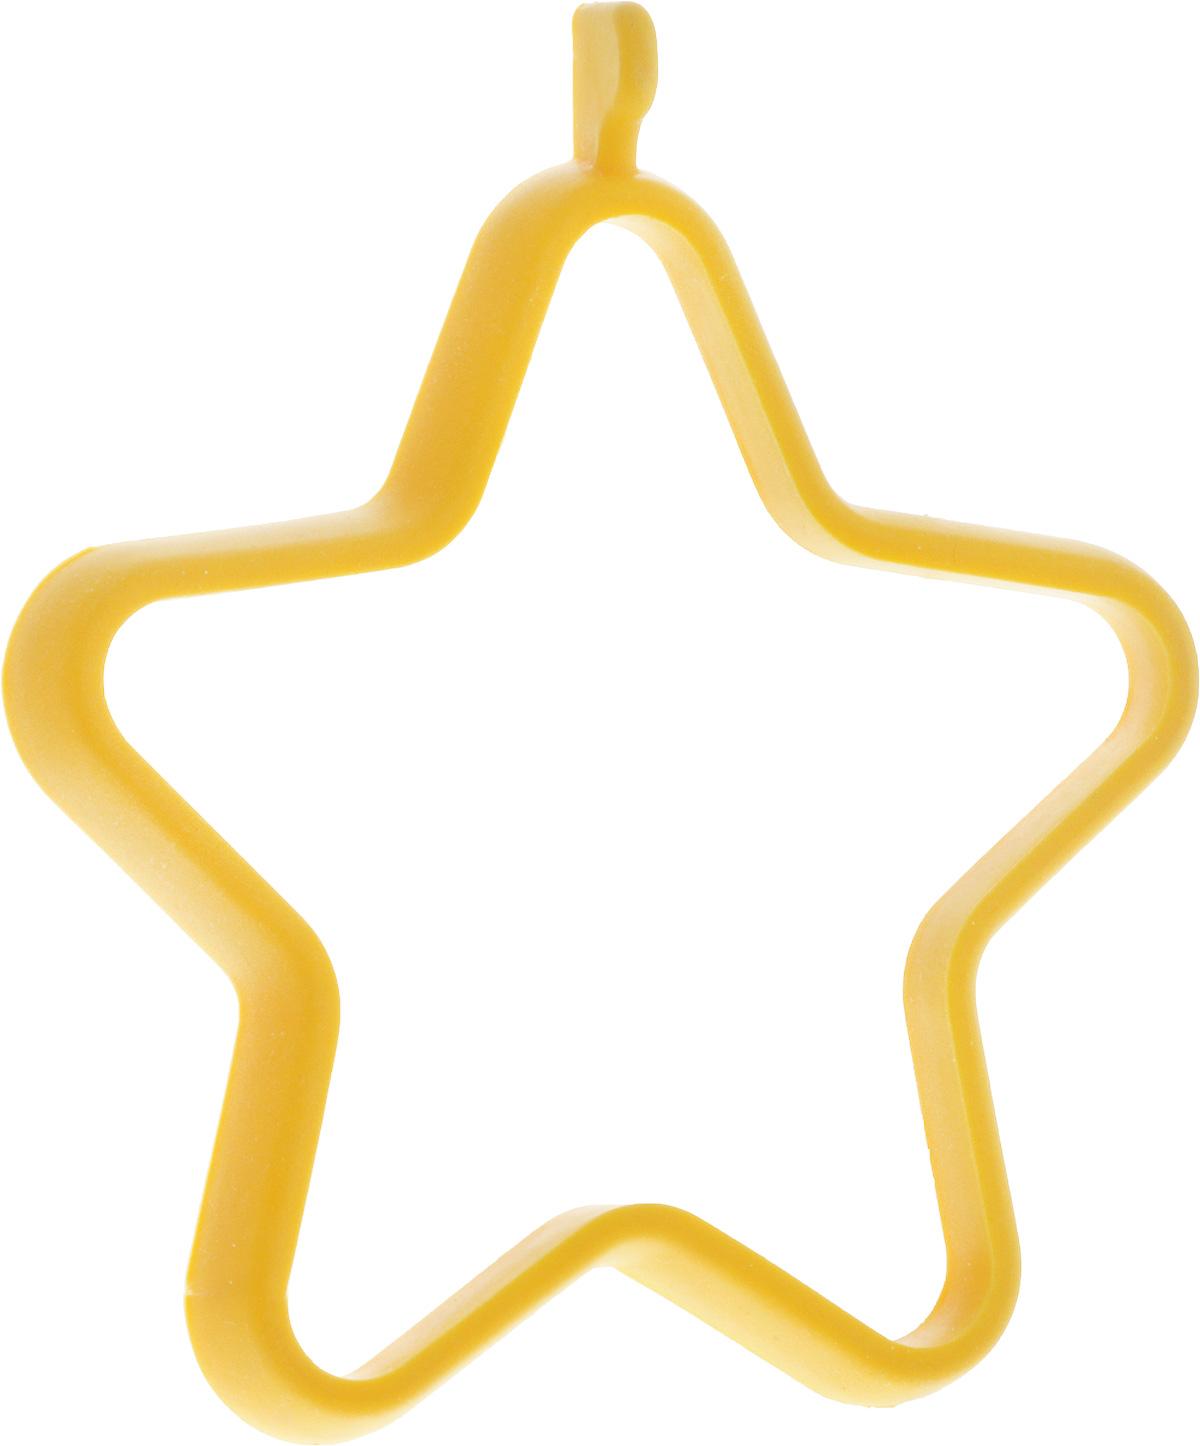 Форма для яичницы Oursson Звезда, цвет: желтый, 13,5 х 11,4 х 1 смBW1356S/MC_желтый_звездаФорма для яичницы Oursson Звезда, выполненная из жаростойкого силикона, подходит для приготовления яичницы, омлета, оладий! Она добавит оригинальности обычным блюдам и особенно понравится детям! Форма не повреждает антипригарное покрытие сковород. Для получения идеального результата рекомендуется использовать ее на ровной поверхности сковороды. Размер формы: 13,5 х 11,4 х 1 см